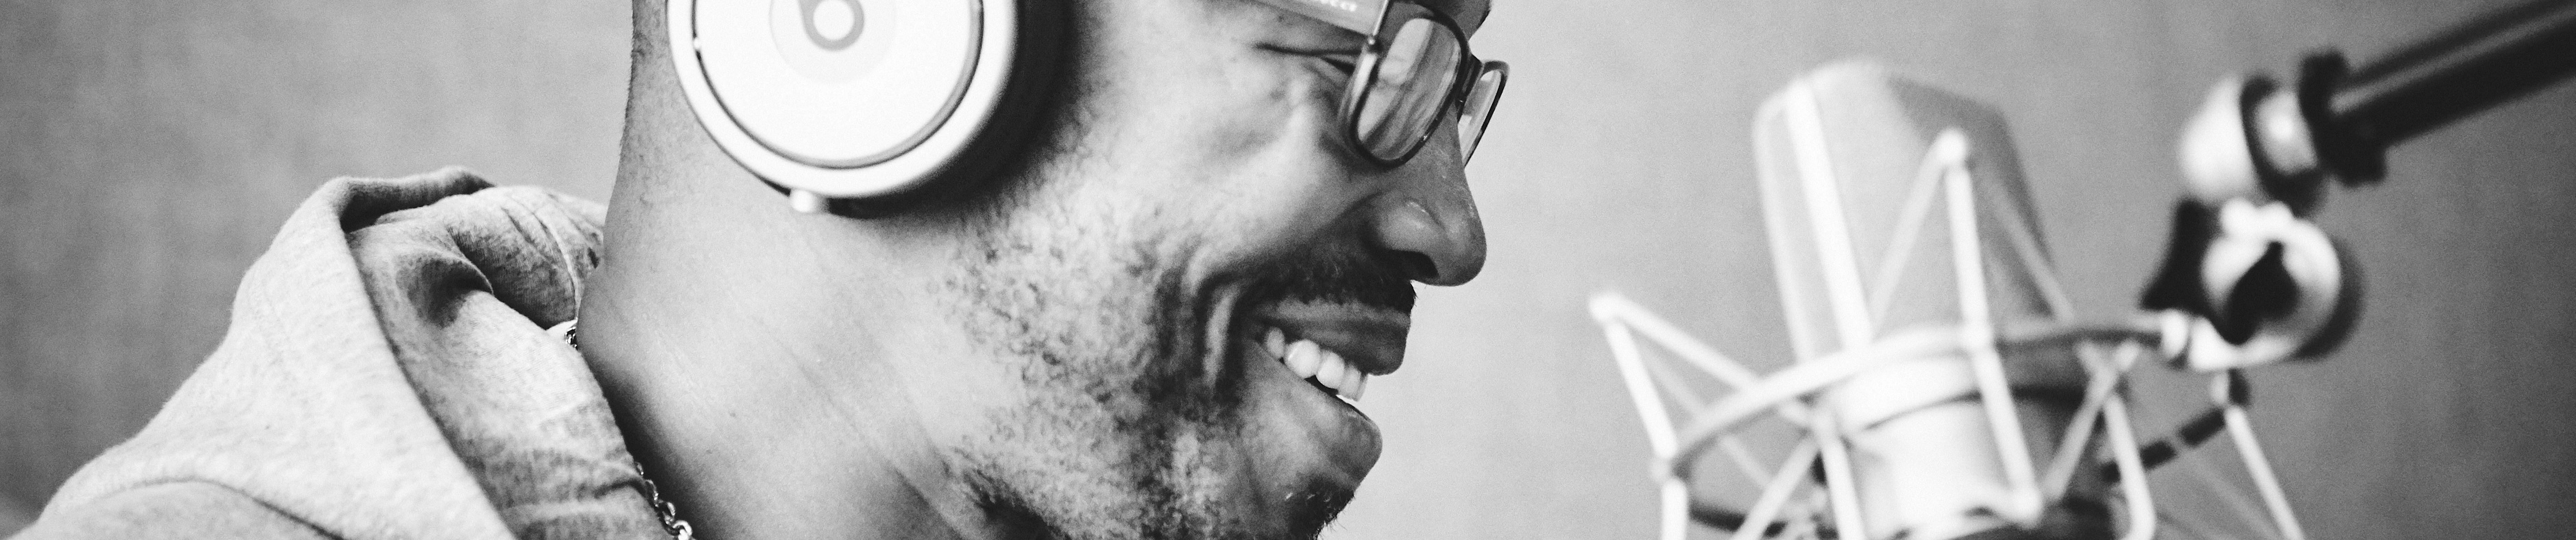 My Momma (Ola Mae) by WARREN G | Free Listening on SoundCloud